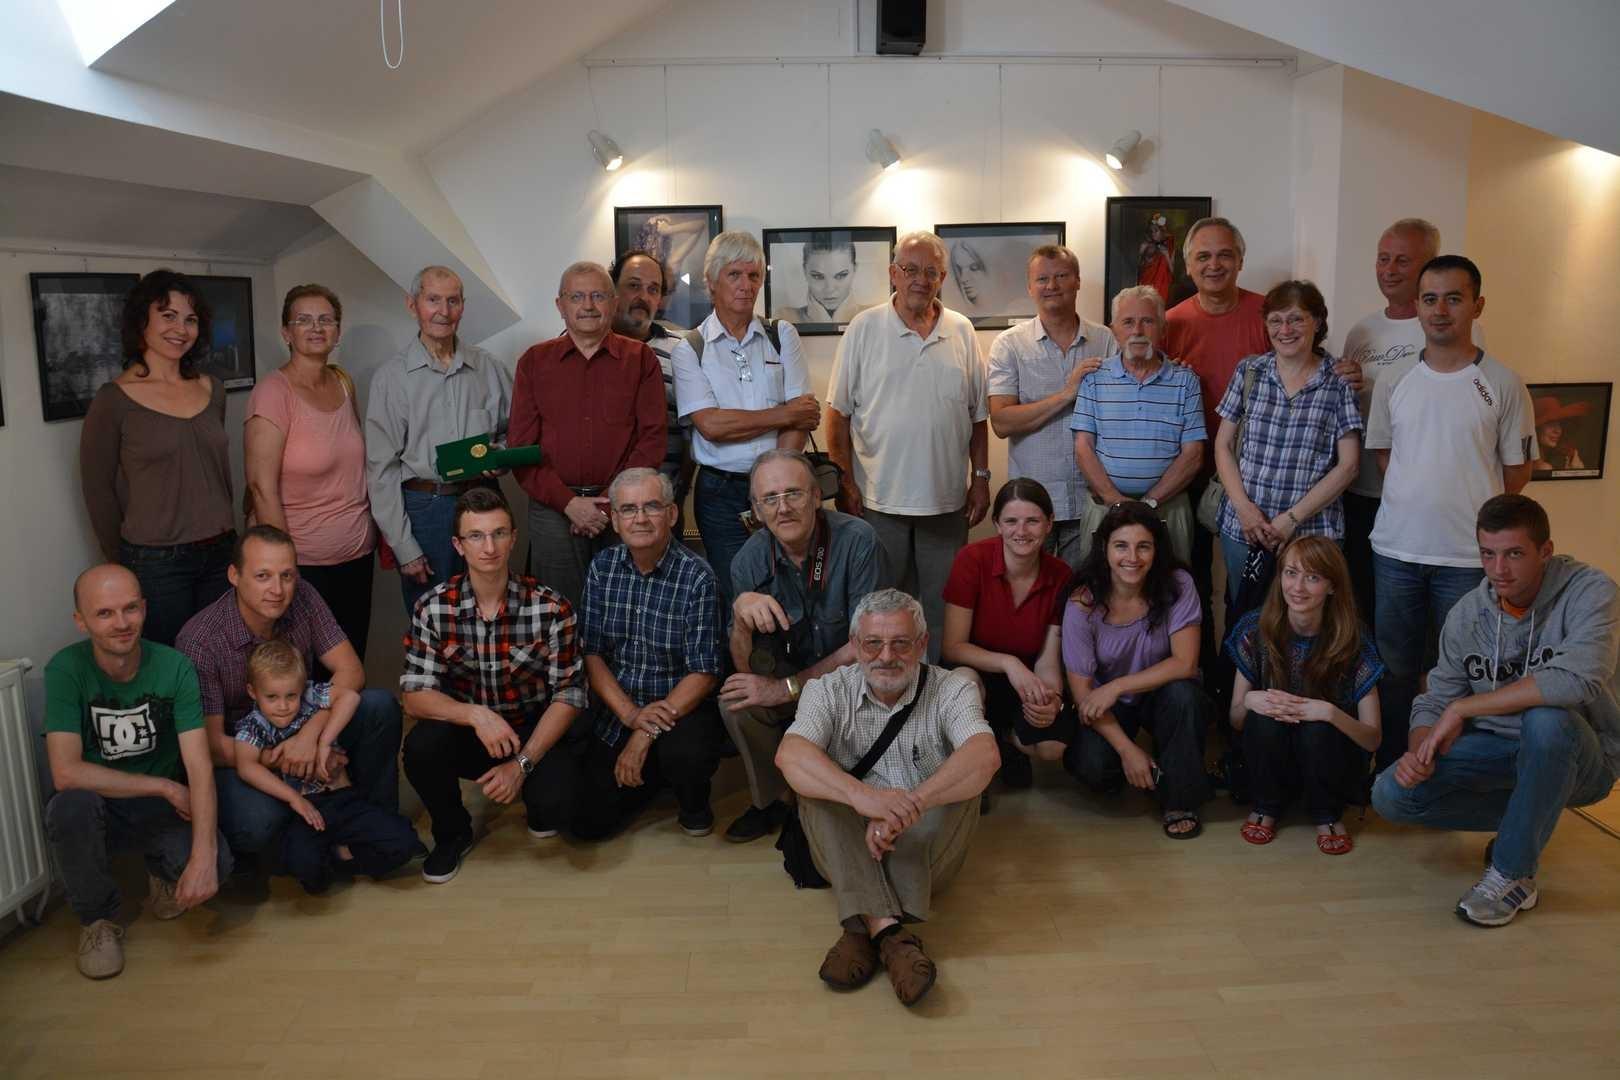 2014.05.07 - Targu Mures (RO)